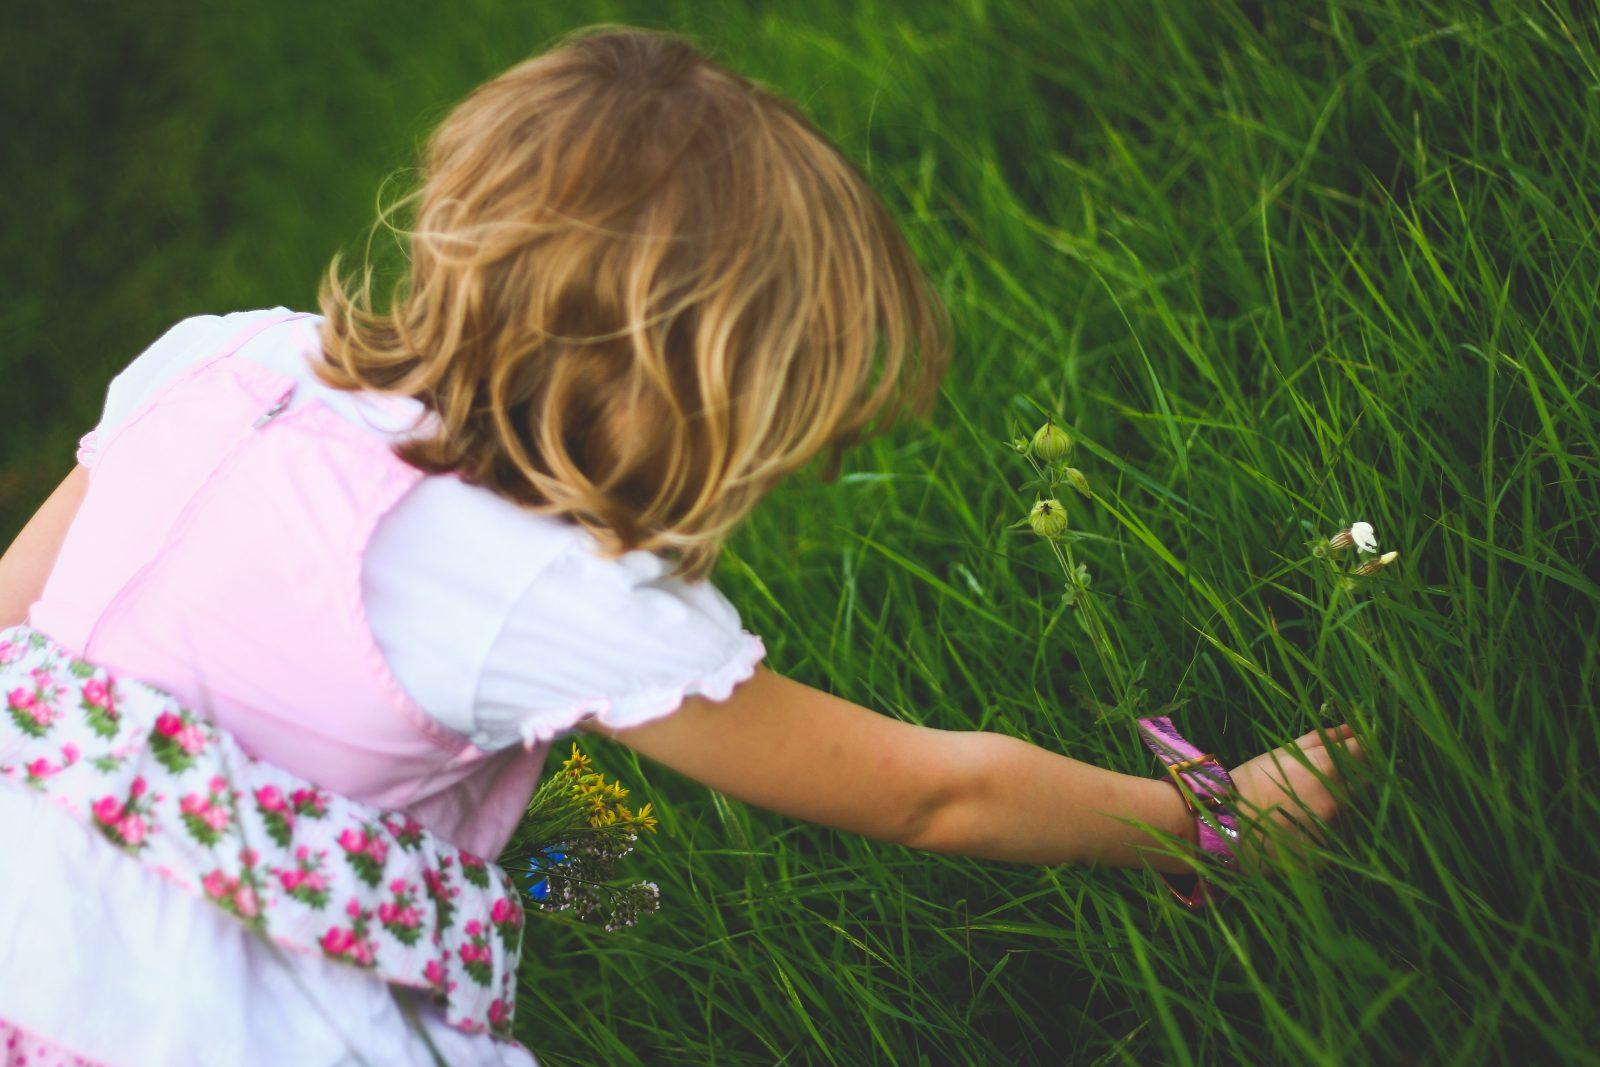 El niño distraído ¿Cómo podemos evitar que se distraigan?